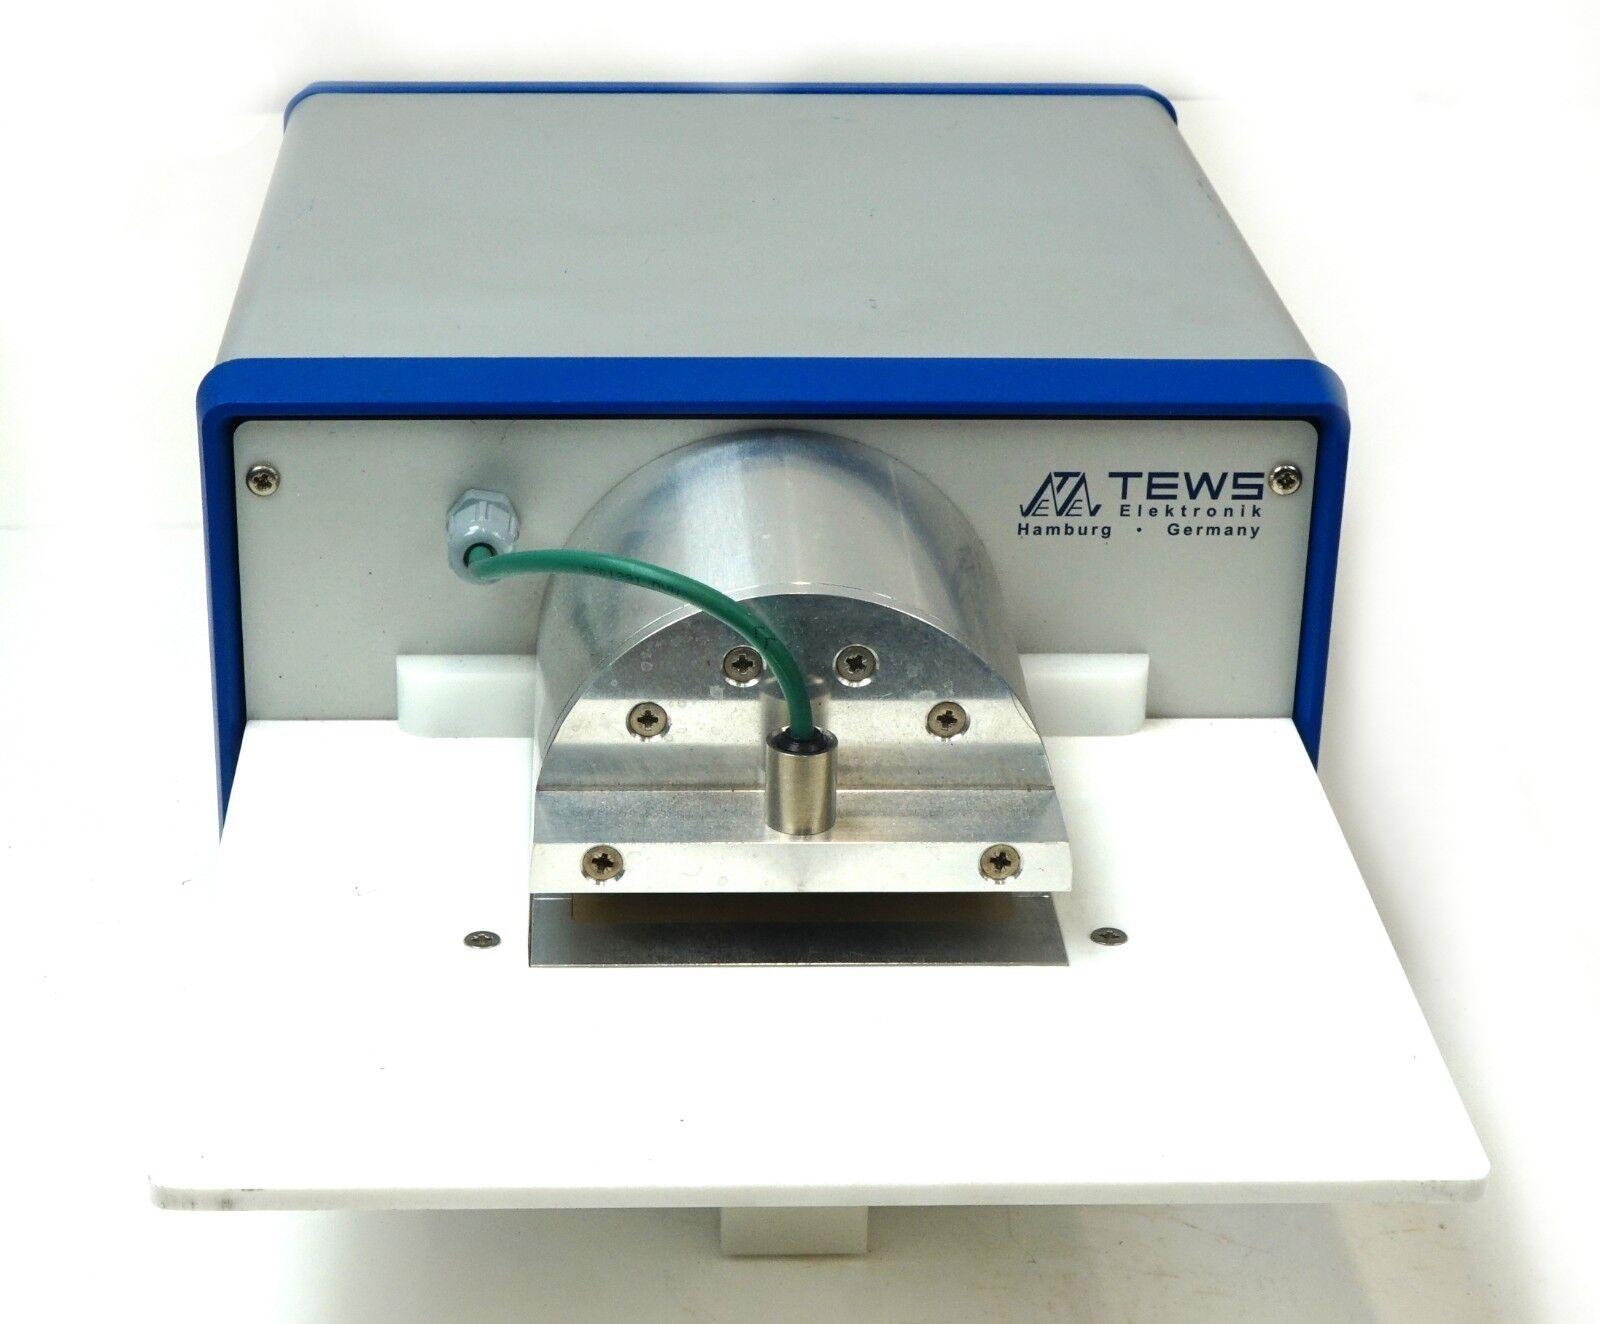 Tews Microwave